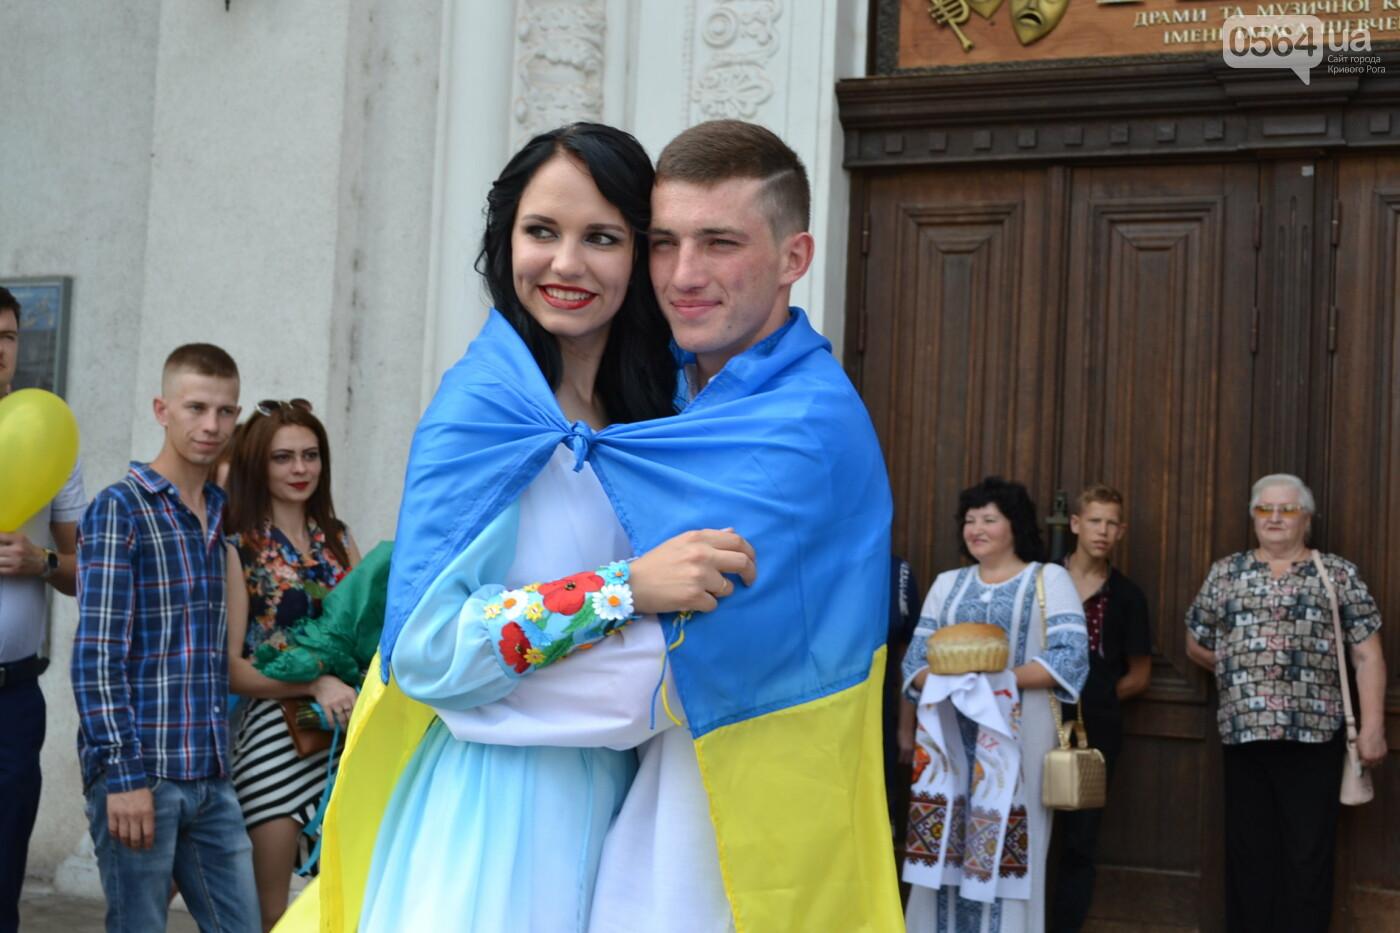 В Кривом Роге бойца 17 танковой бригады и его супругу в день бракосочетания крепко связали флагом Украины, - ФОТО, ВИДЕО, фото-1